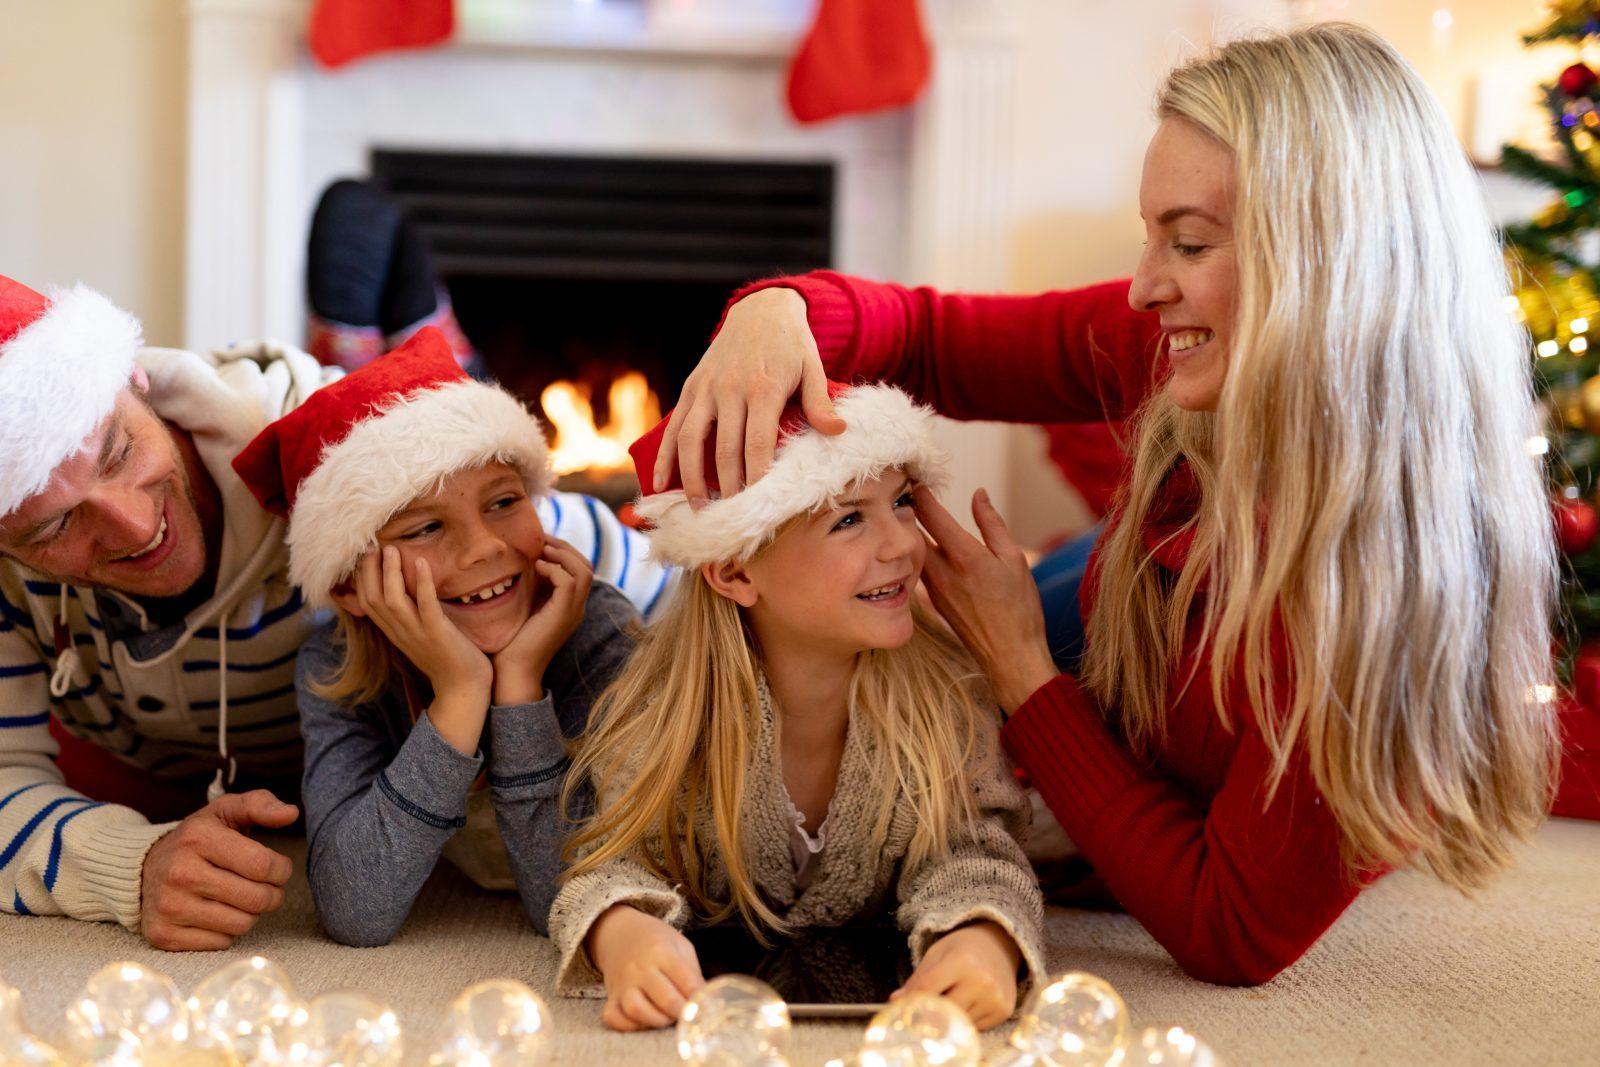 Klassische Familie: Vater, Mutter, Kinder